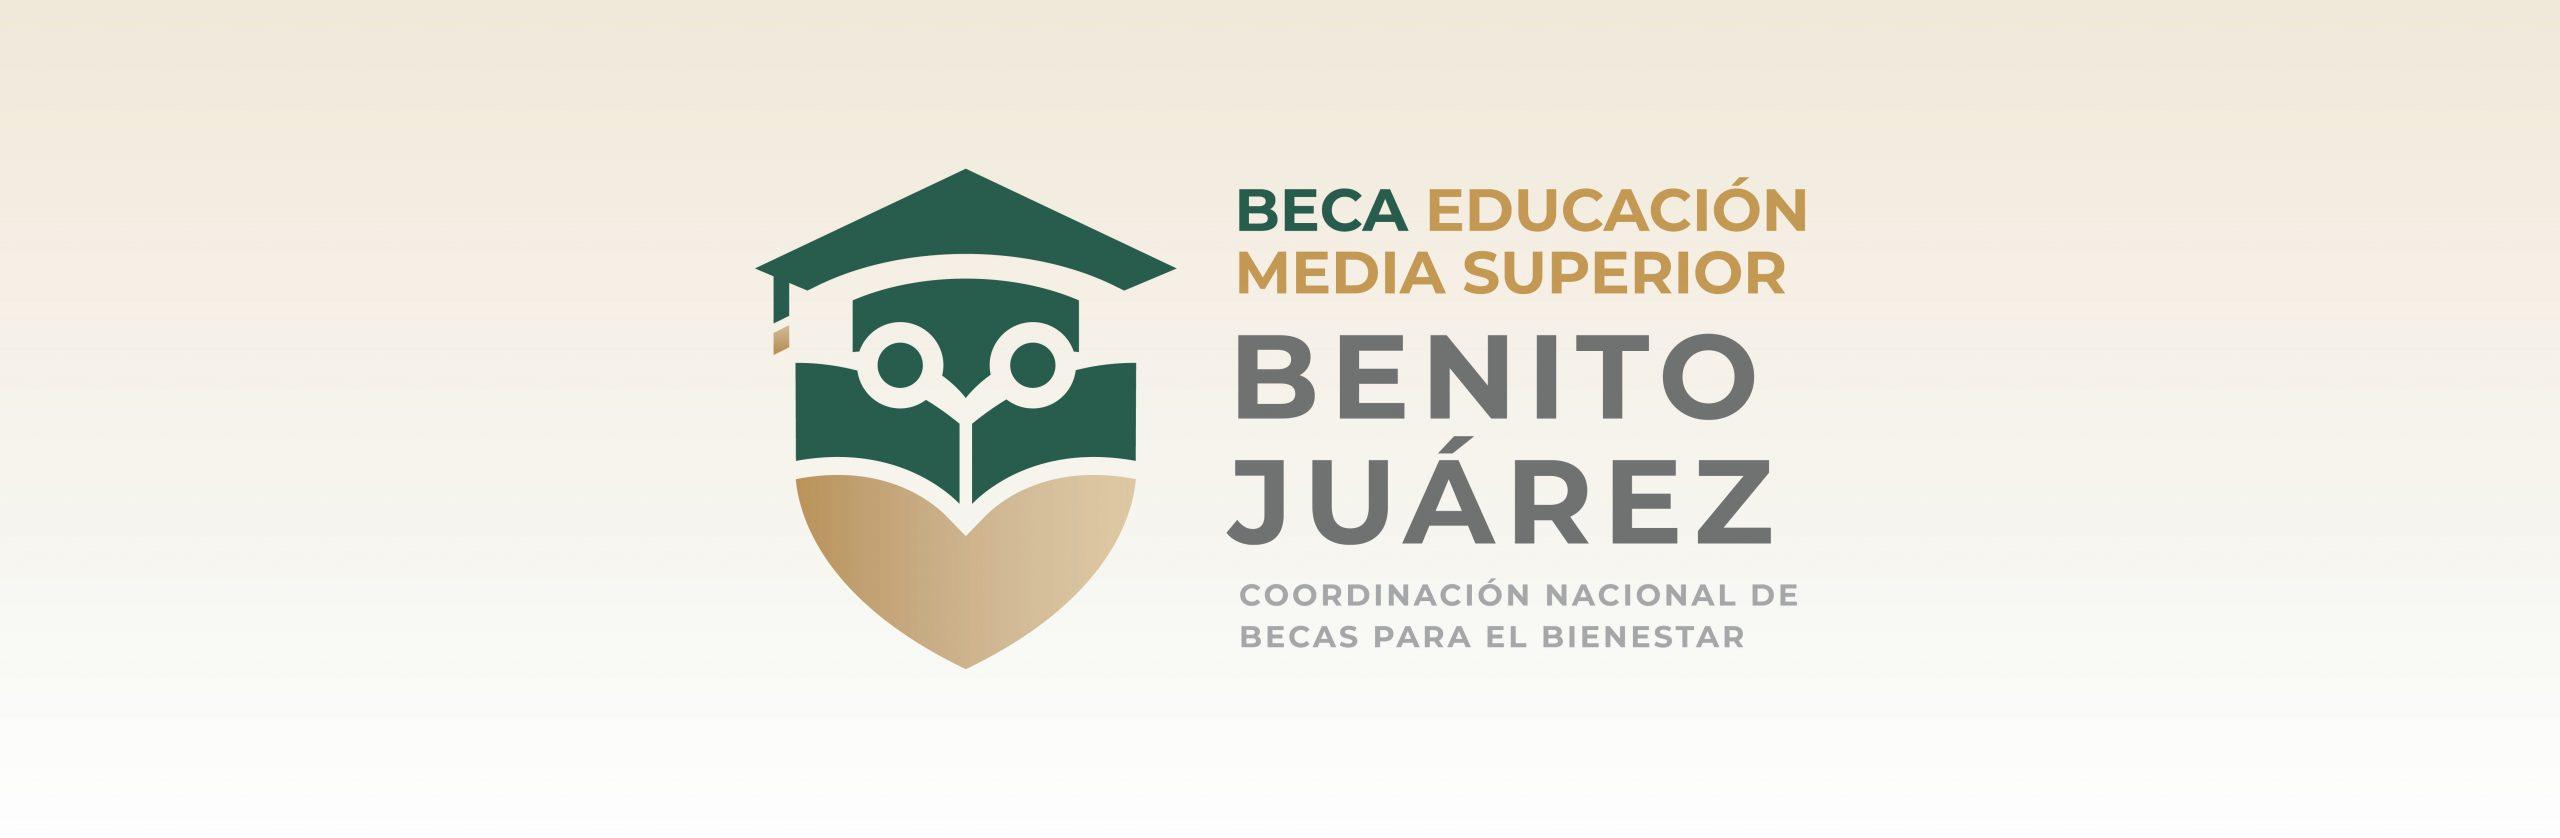 Beca Benito Juárez para estudiantes de bachillerato